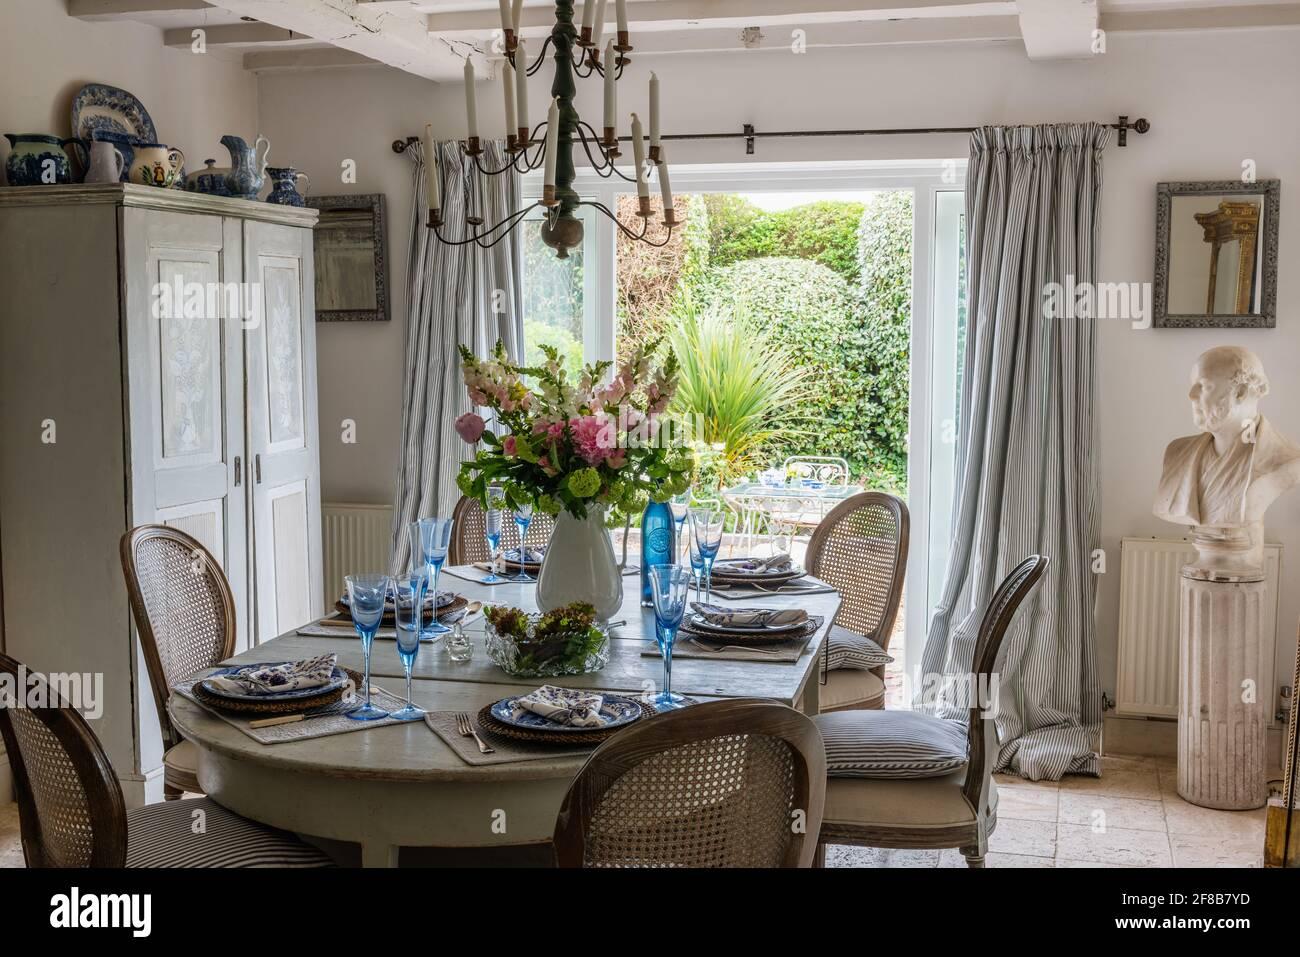 Glaswaren auf dem Esstisch mit Blick auf den Garten bei der Renovierung der West Sussex-Küste aus den 1930er Jahren. Stockfoto